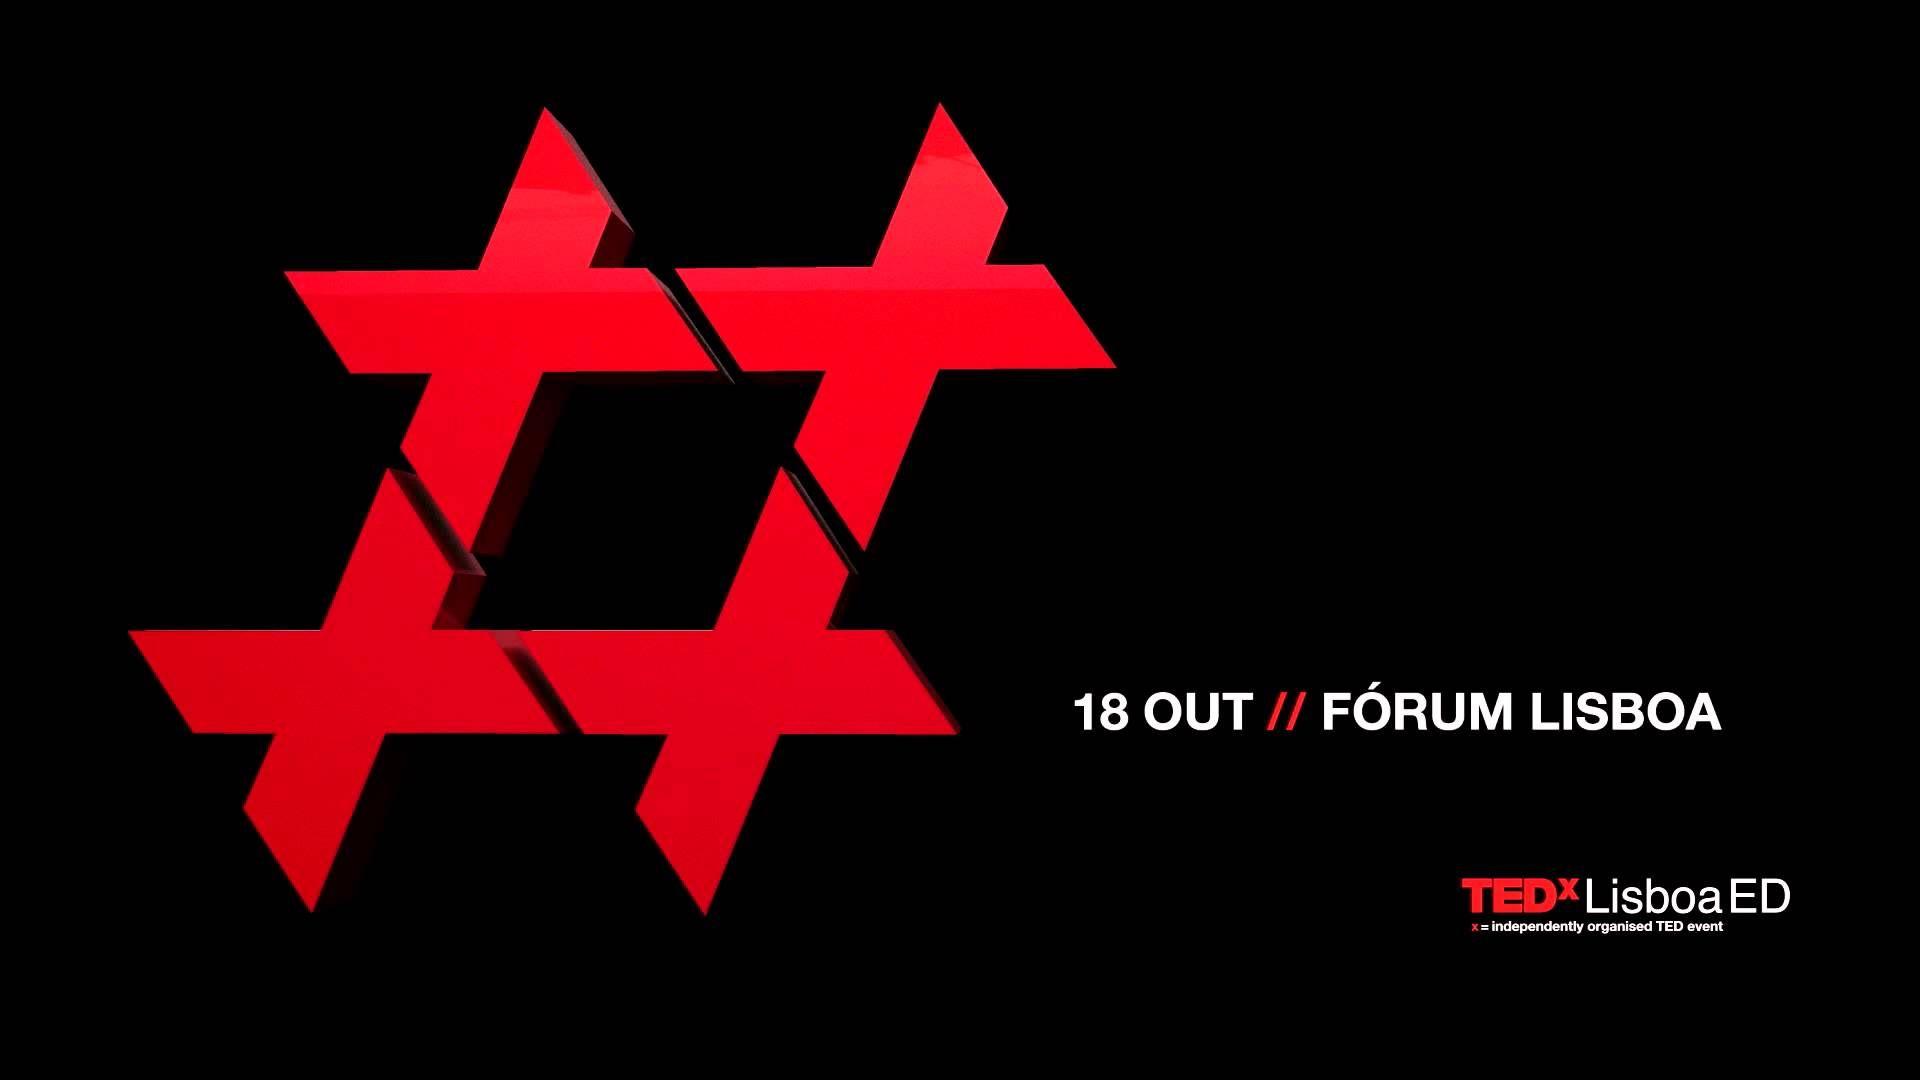 Está a chegar o TEDxLisboaED! Já tem o seu bilhete? Assista ao nosso vídeo teaser em http://bit.ly/1BE3zha  #tedxlisboa #tedxlisboaed #mob